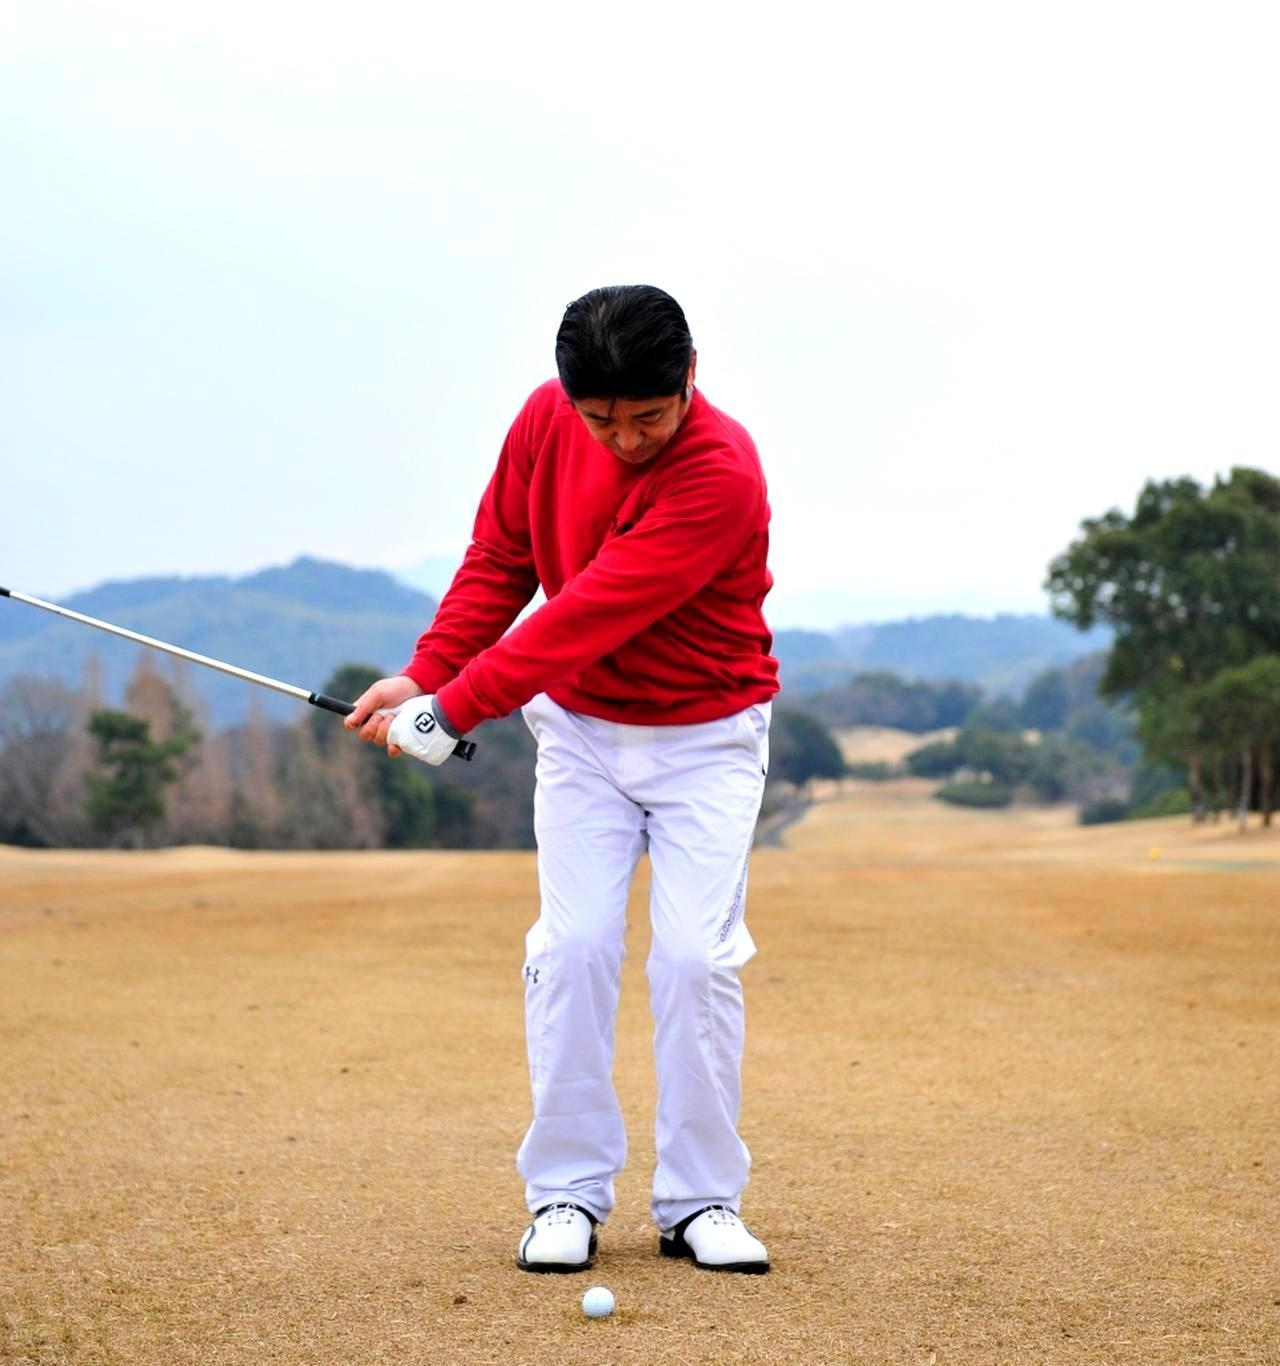 画像2: 【通勤GD】伊澤利光「イザワの法則」Vol.12 大学を辞めてプロを目指した理由 ゴルフダイジェストWEB